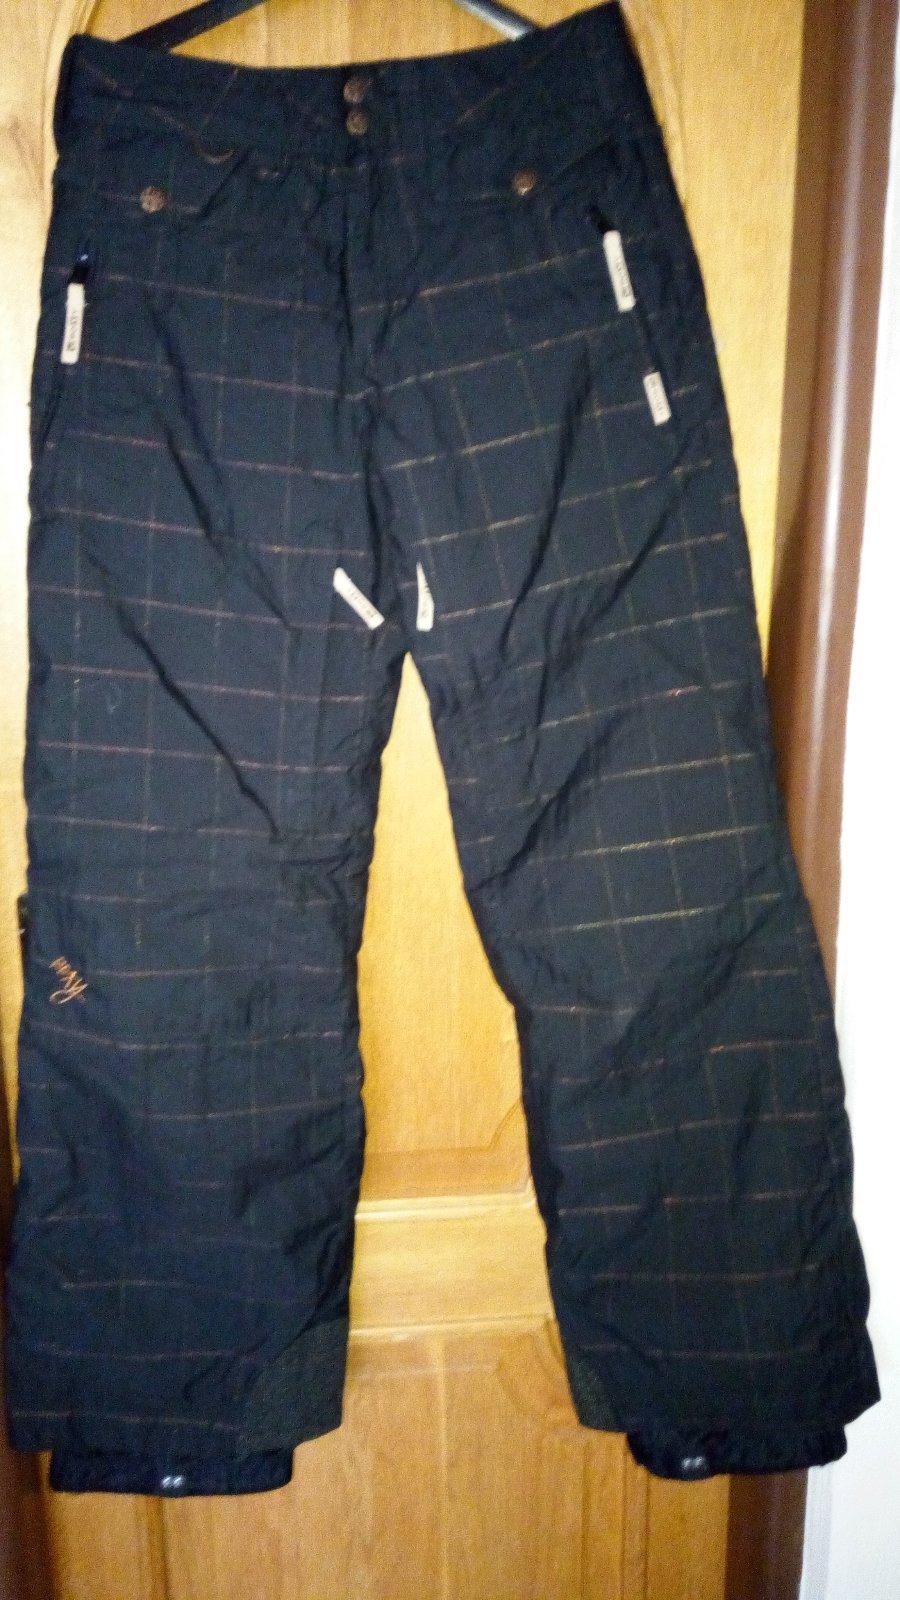 e01a49fd7c6f Lyžiarske nohavice zn.roxy použité parkrat